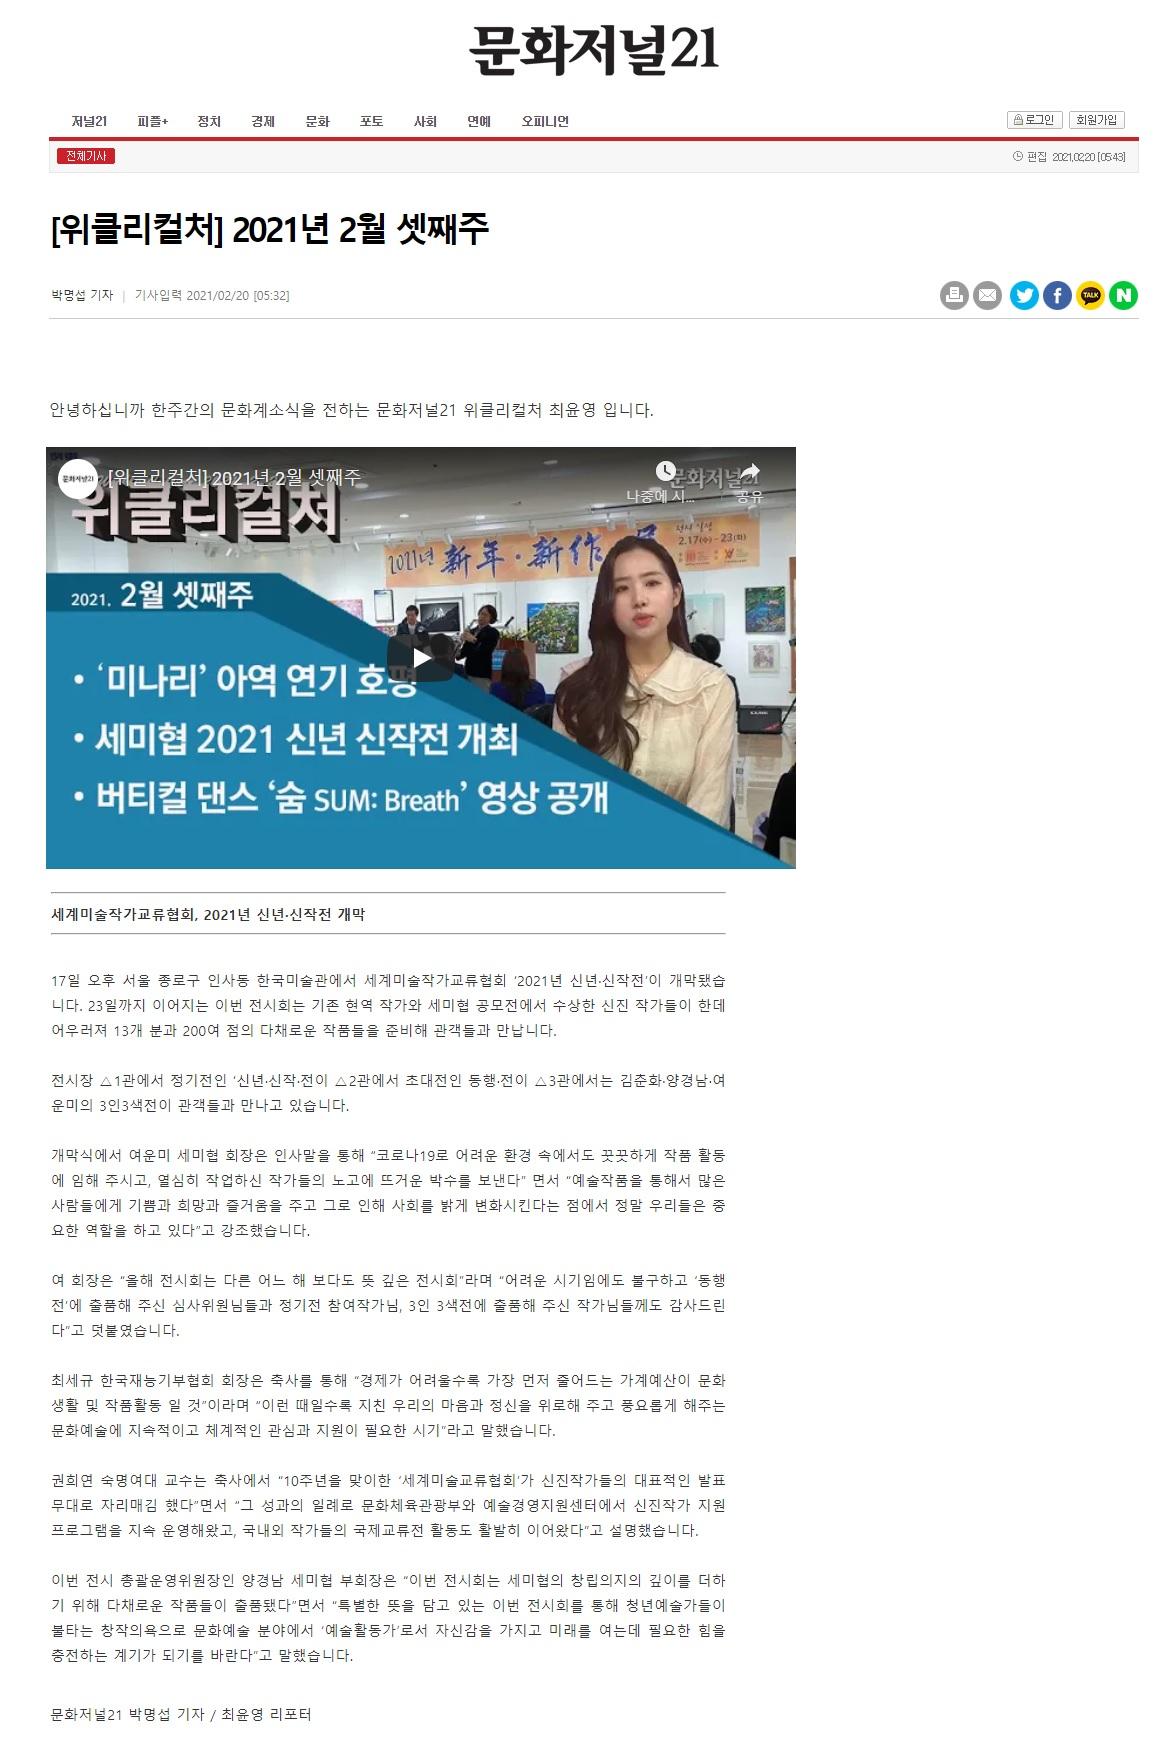 9_문화저널21_2021 신년신작전.jpg